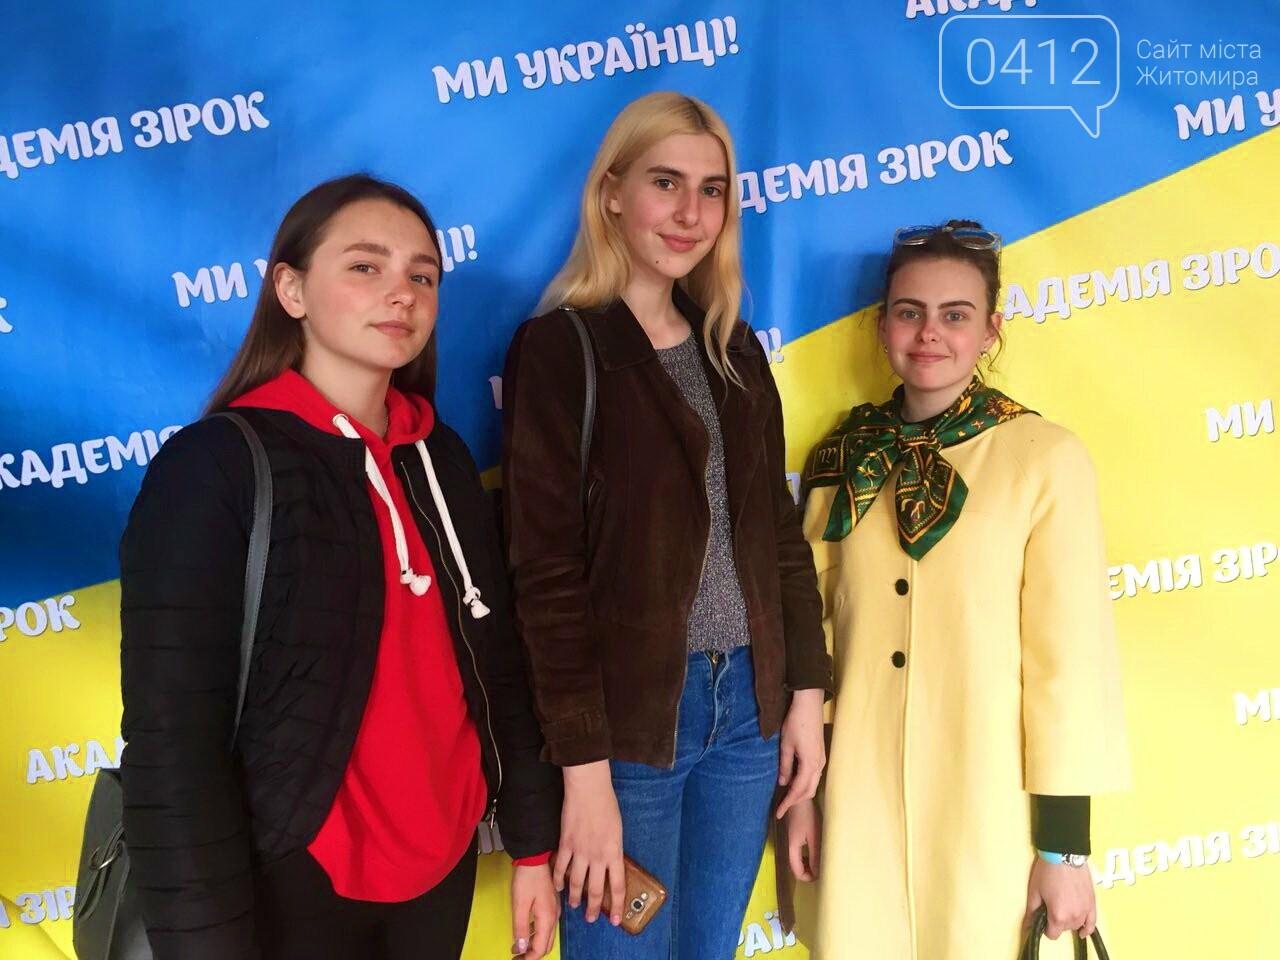 """У Житомирі провели щорічну молодіжну патріотично-мистецьку акцію """"Я люблю Україну свою-2018"""", фото-30"""